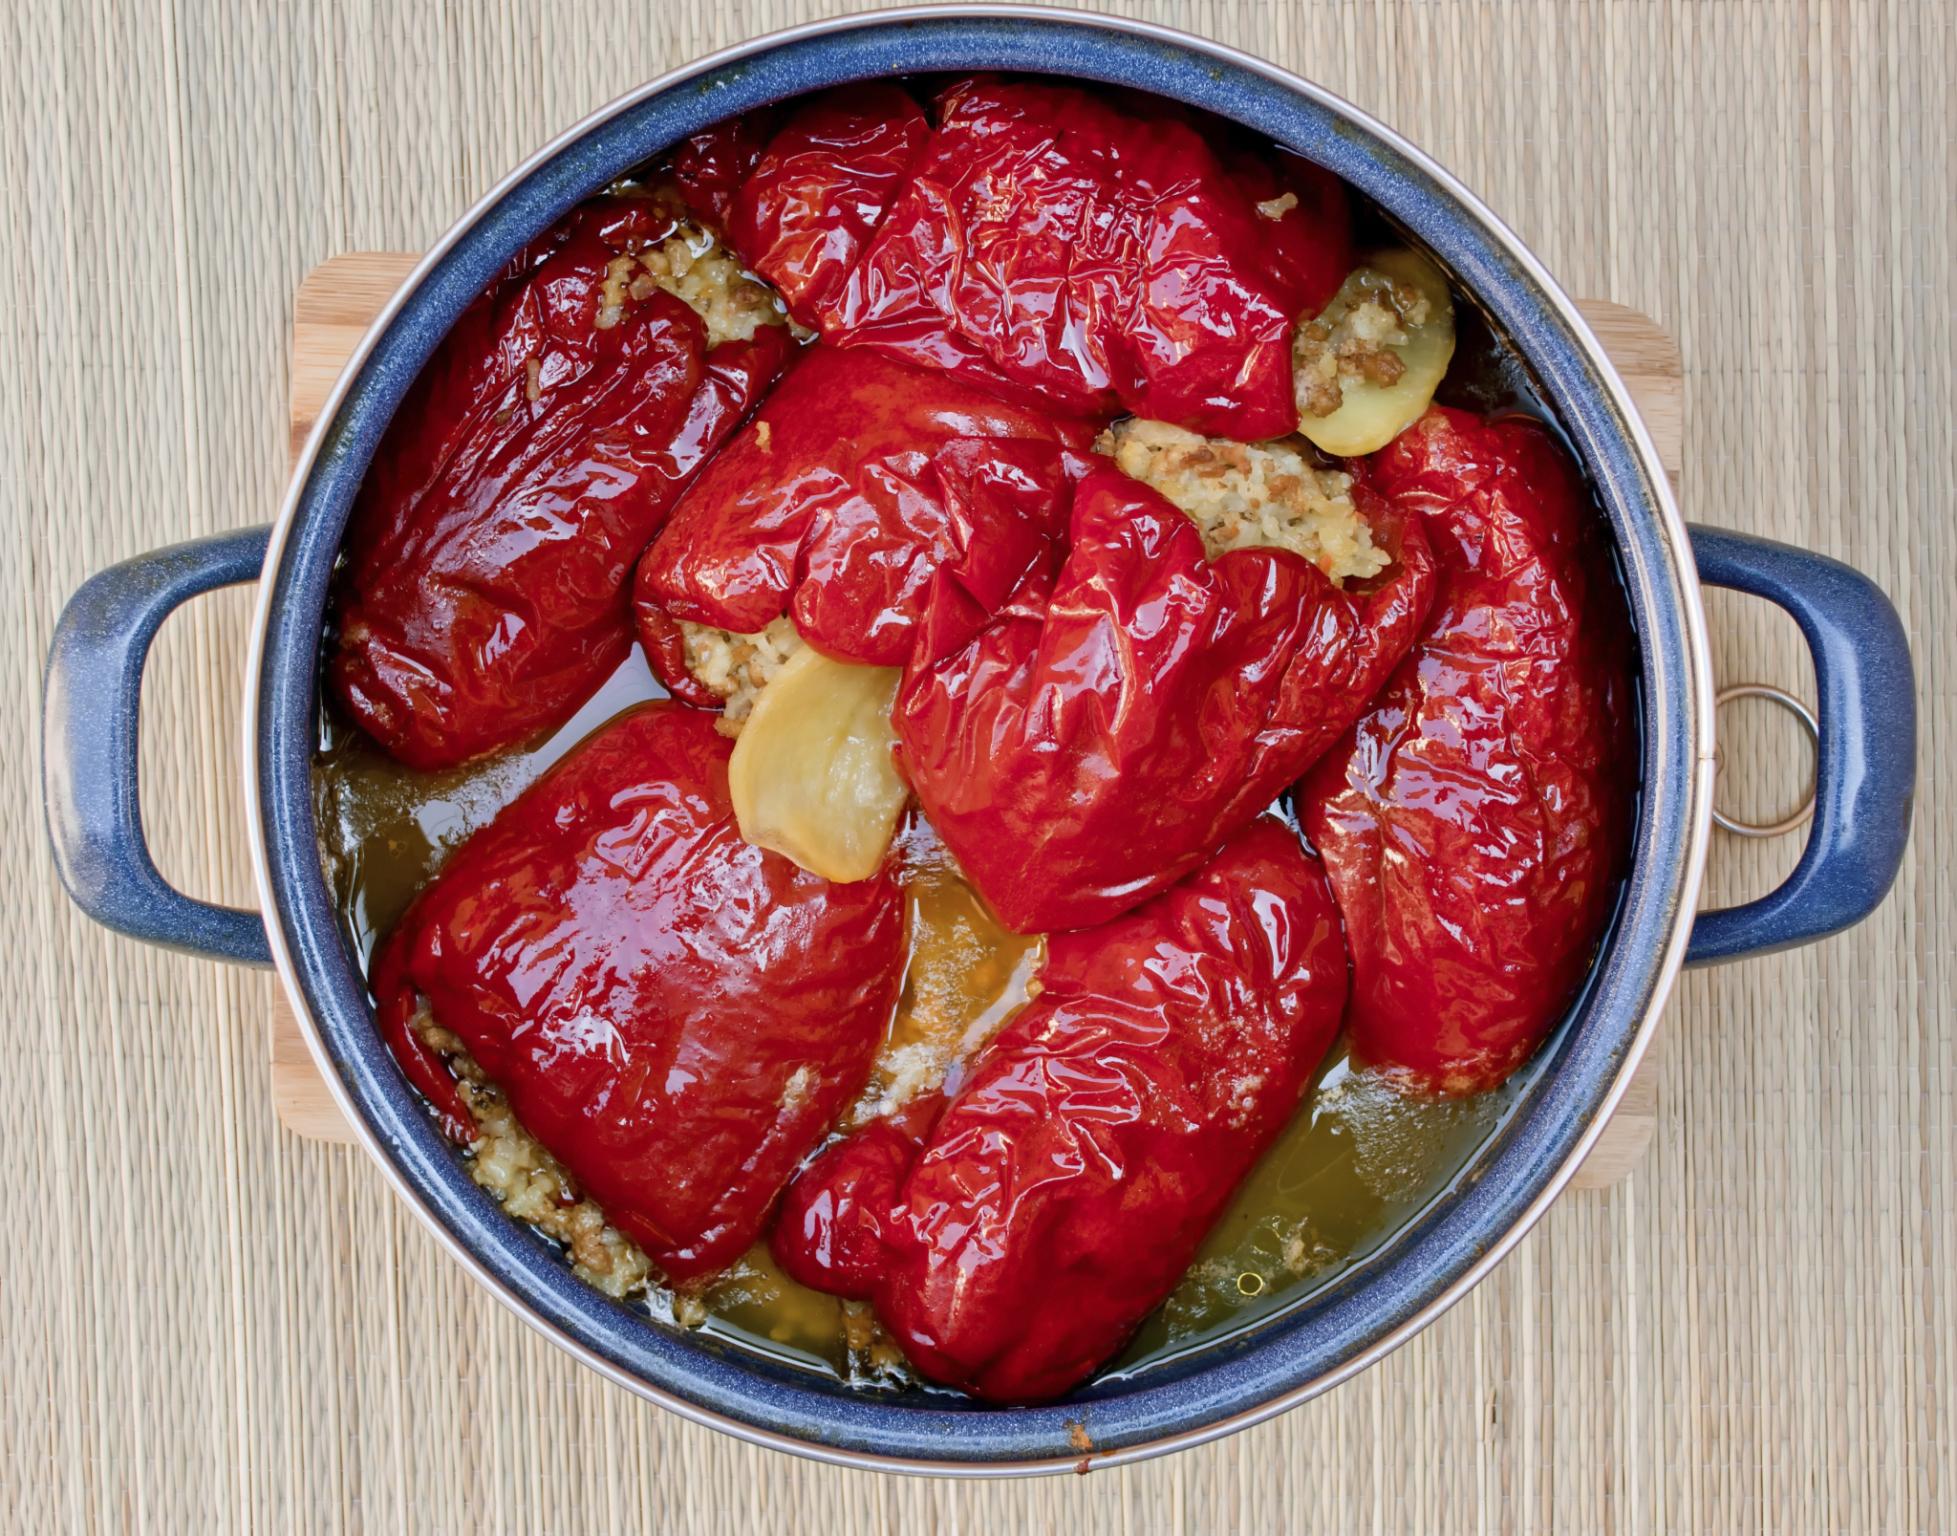 Pimiento rojo relleno con muslo de cerdo picado